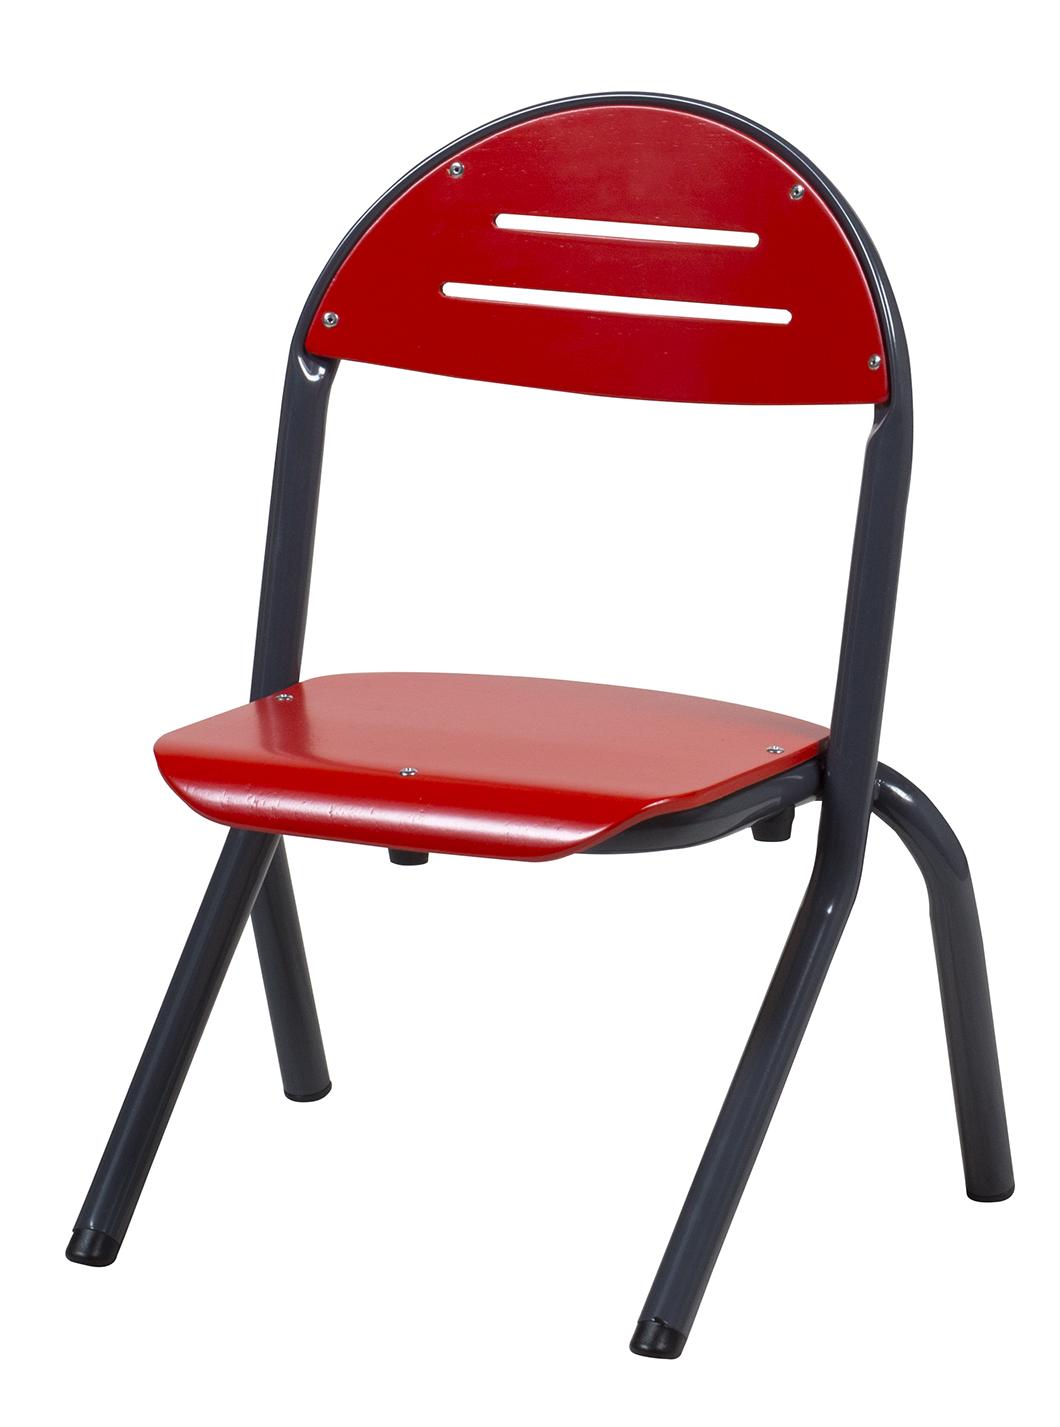 DPC - Chaise TANAÏS appui sur table en aluminium